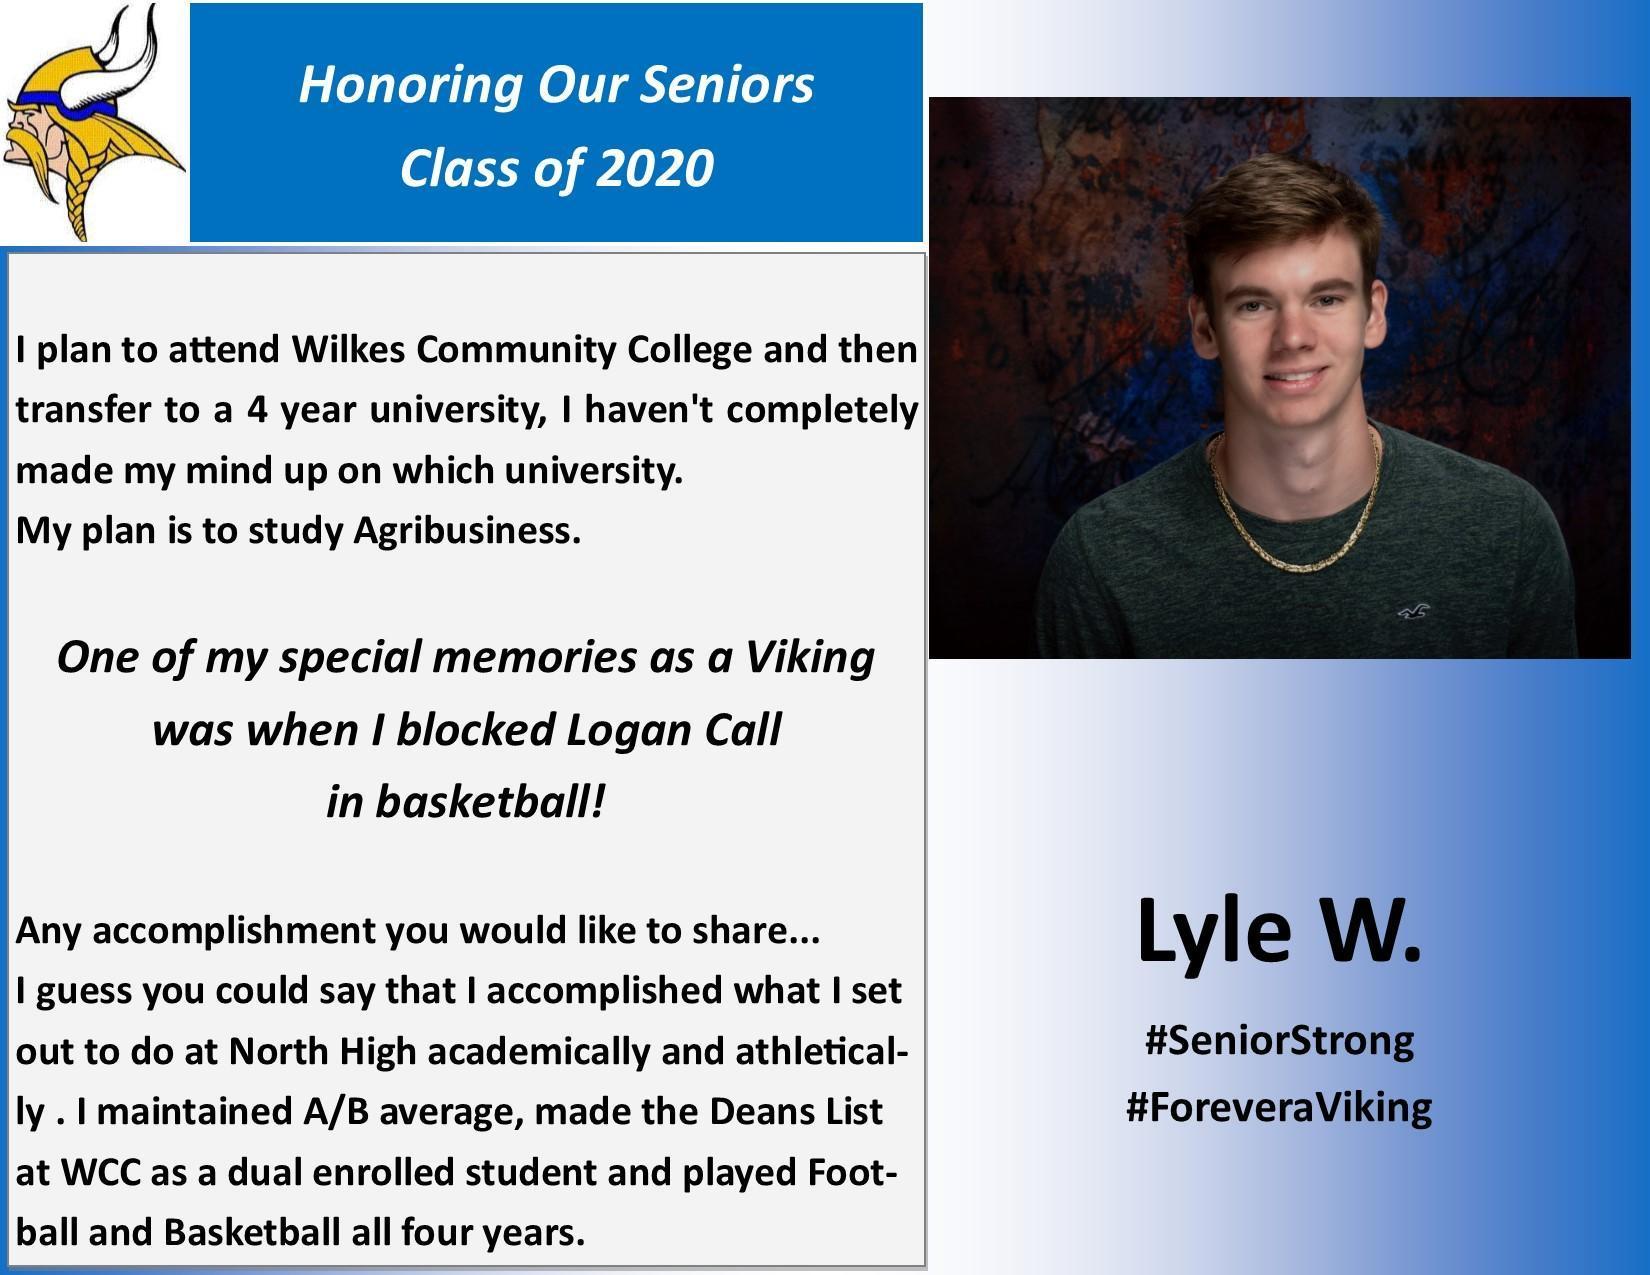 Lyle W